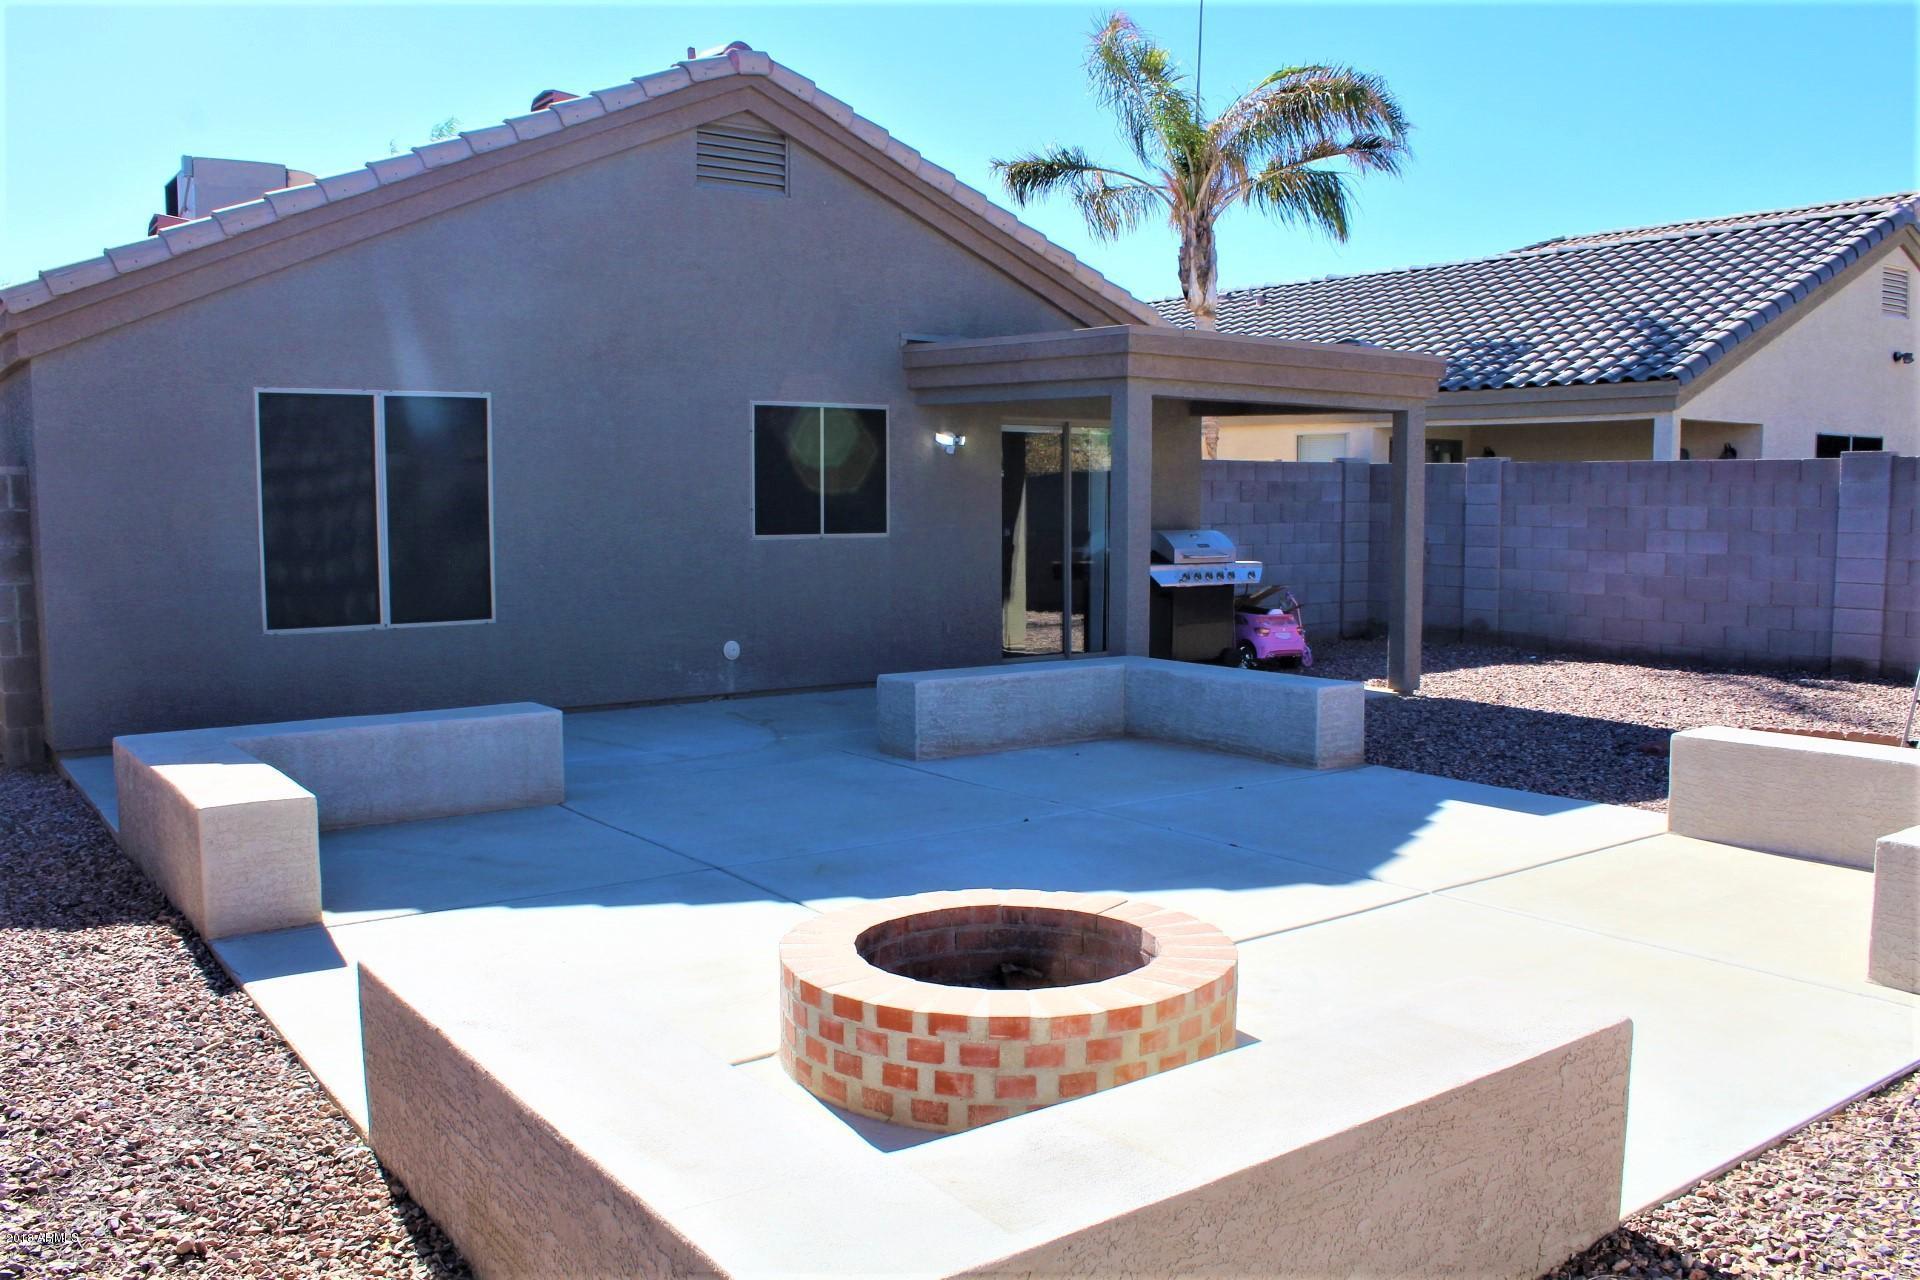 MLS 5819963 14305 N 129TH Avenue, El Mirage, AZ 85335 El Mirage AZ Eco-Friendly